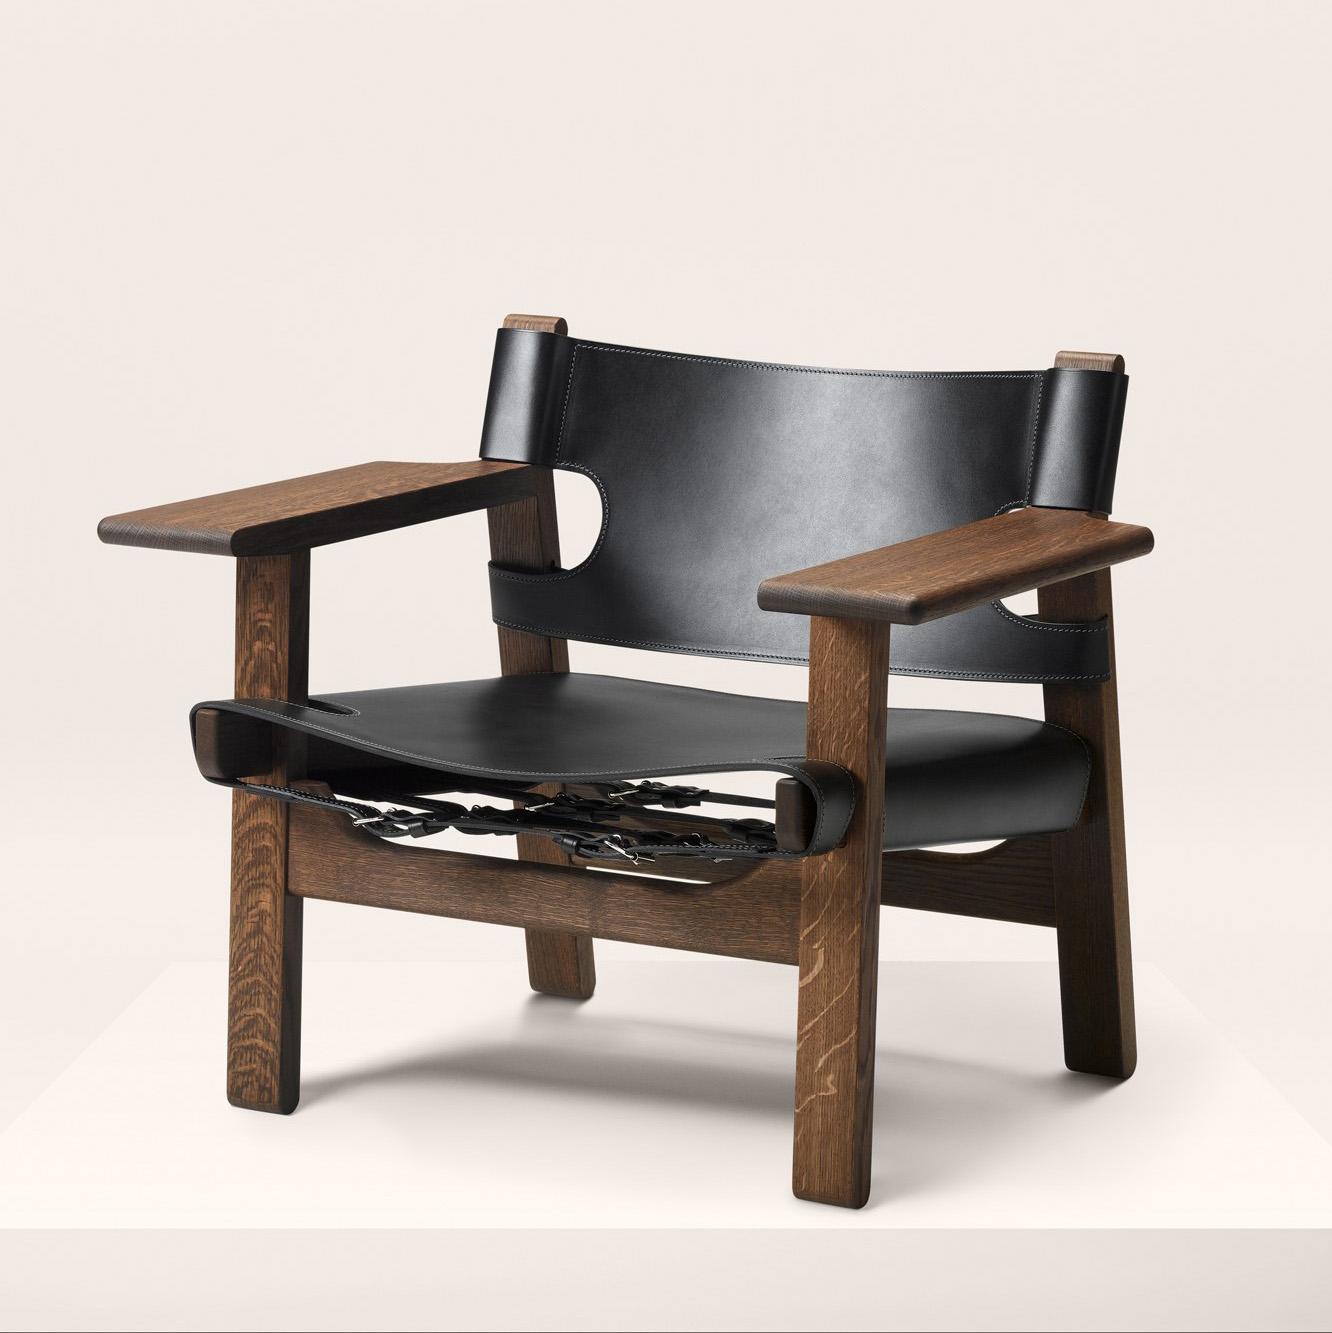 Den Spanske stolen av Børge Mogensen er en dansk klassiker - laget av heltre og lær holder den i generasjoner. Her er den vist i røykt eik - som vi også vil se mer til i 2016.